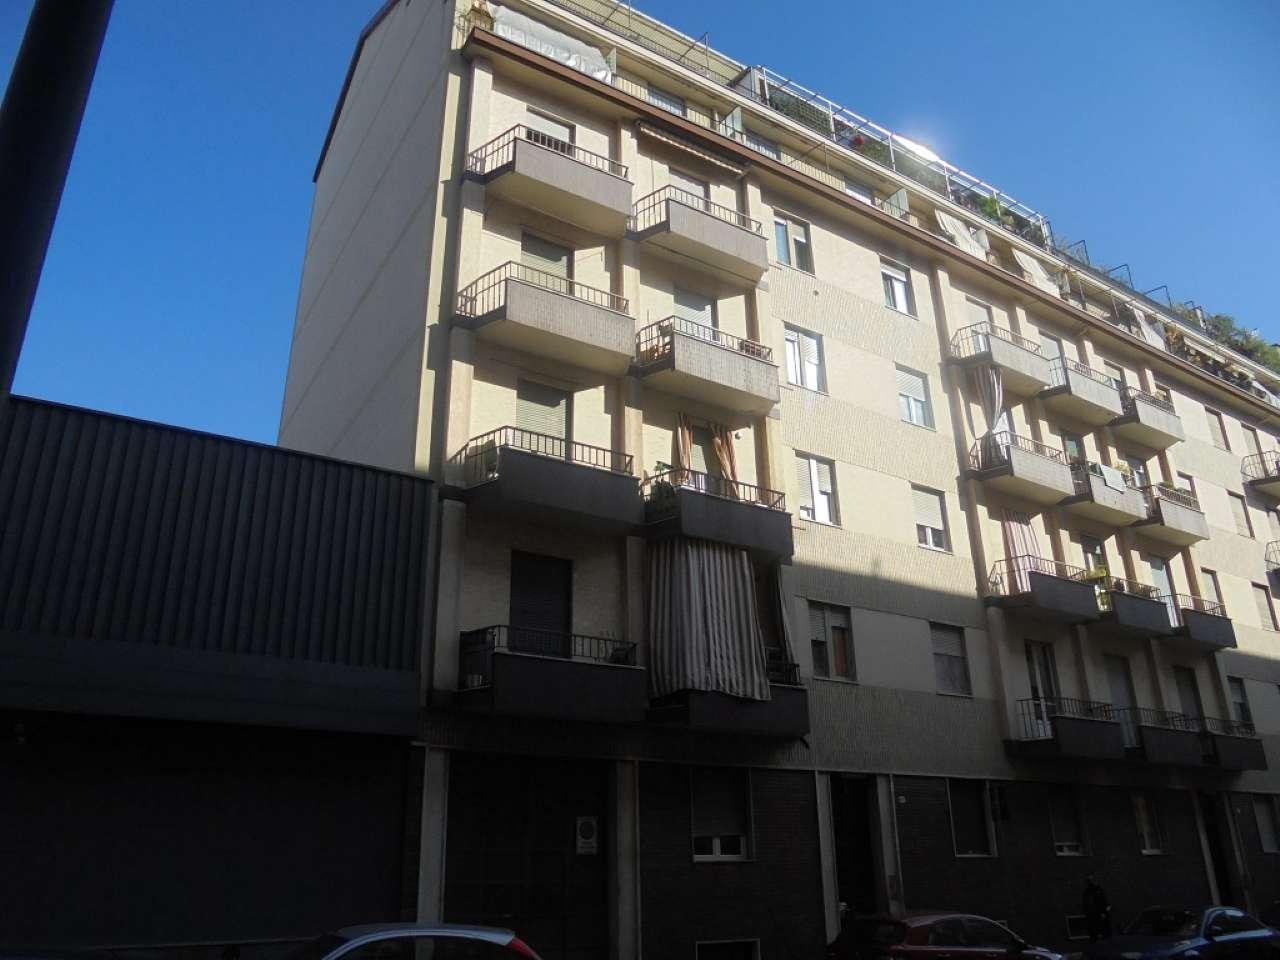 Immagine immobiliare Lingotto Via Nizza interno, a mt. 200 dalla nuova Stazione Metropolitana Bengasi, in posizione comoda ai servizi luminoso e silenzioso. Ottimo stabile totalmente rivisto nelle parti comuni (tetto e facciate), quarto piano con ascensore...